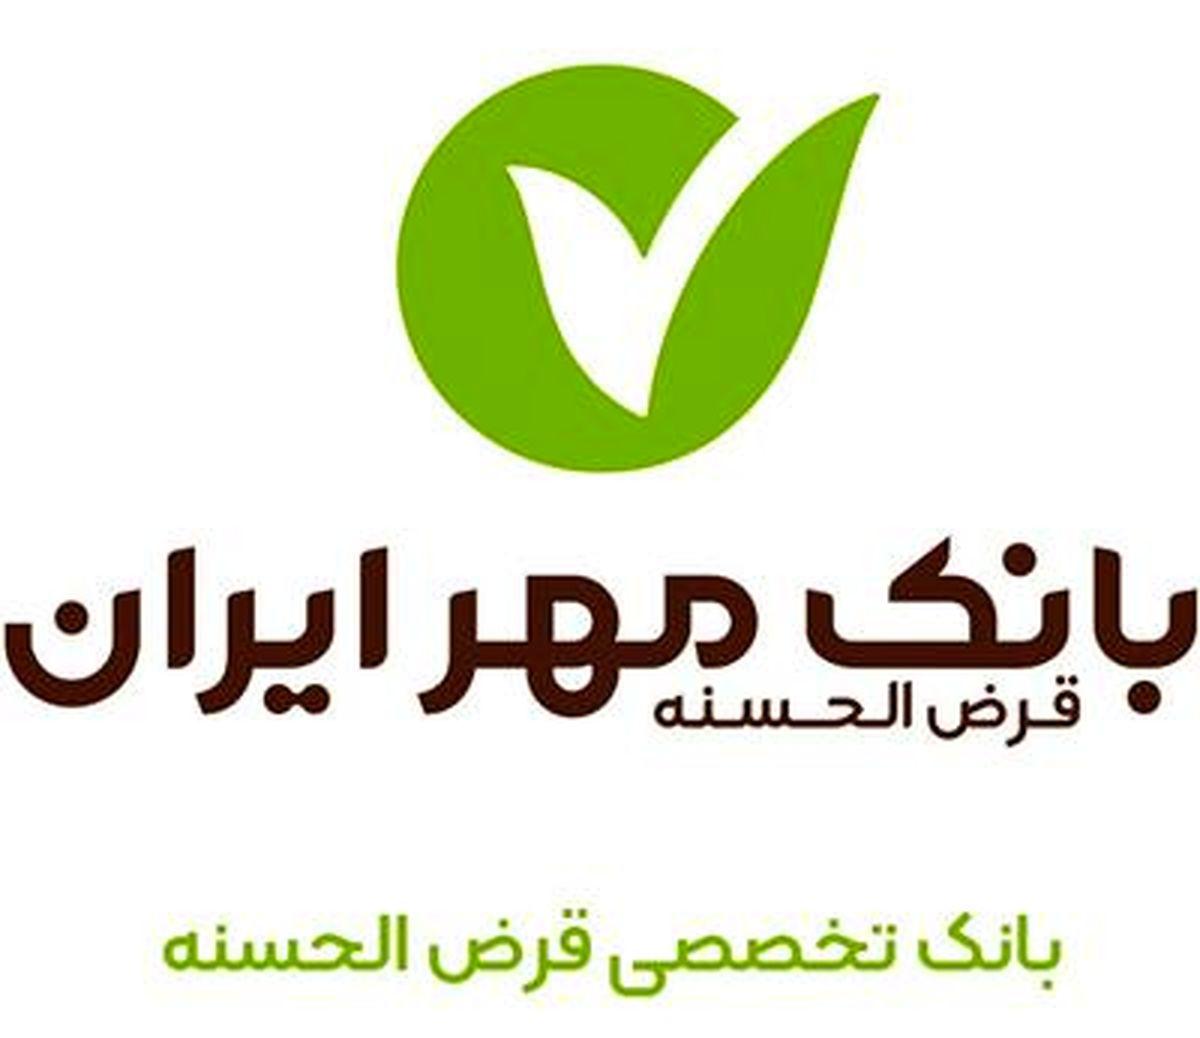 ایده جدید بانک مهر ایران برای استفاده مستمر از تسهیلات قرضالحسنه